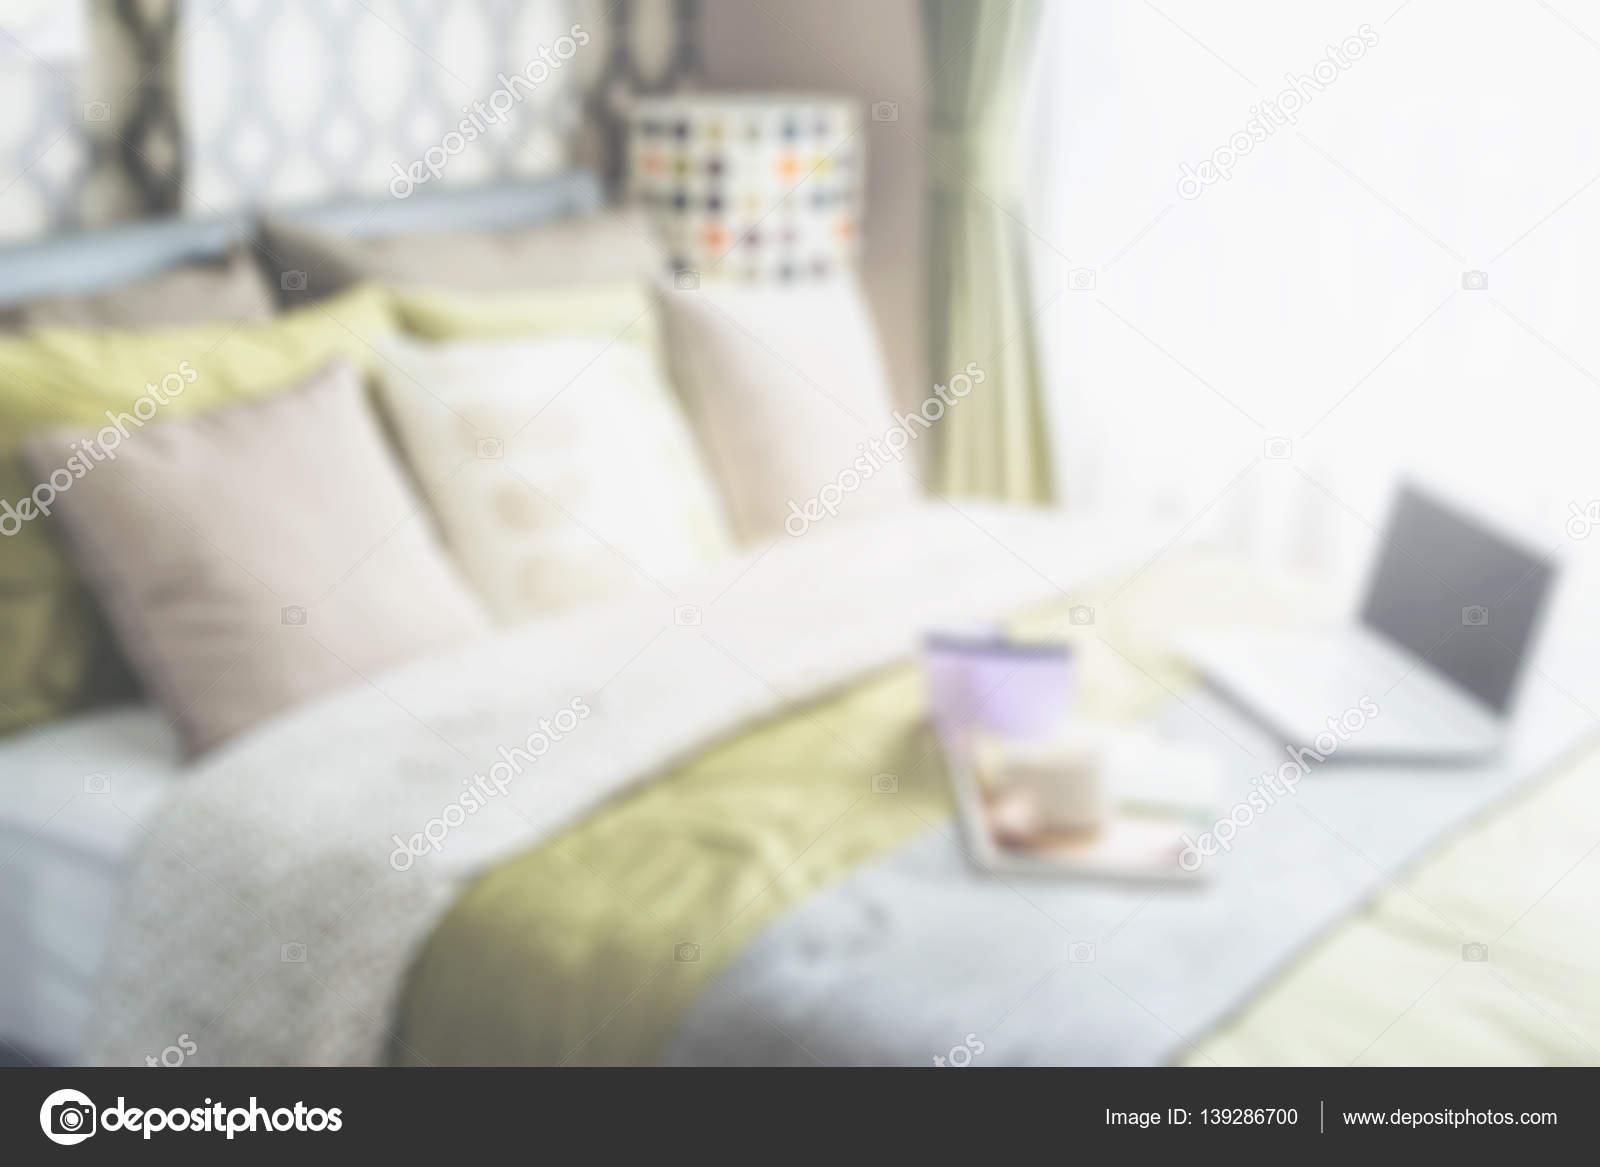 Retro Schlafzimmer Stil Mit Bunten Kissen Und Polka Dot Lampe   Für Den  Hintergrund Unscharf